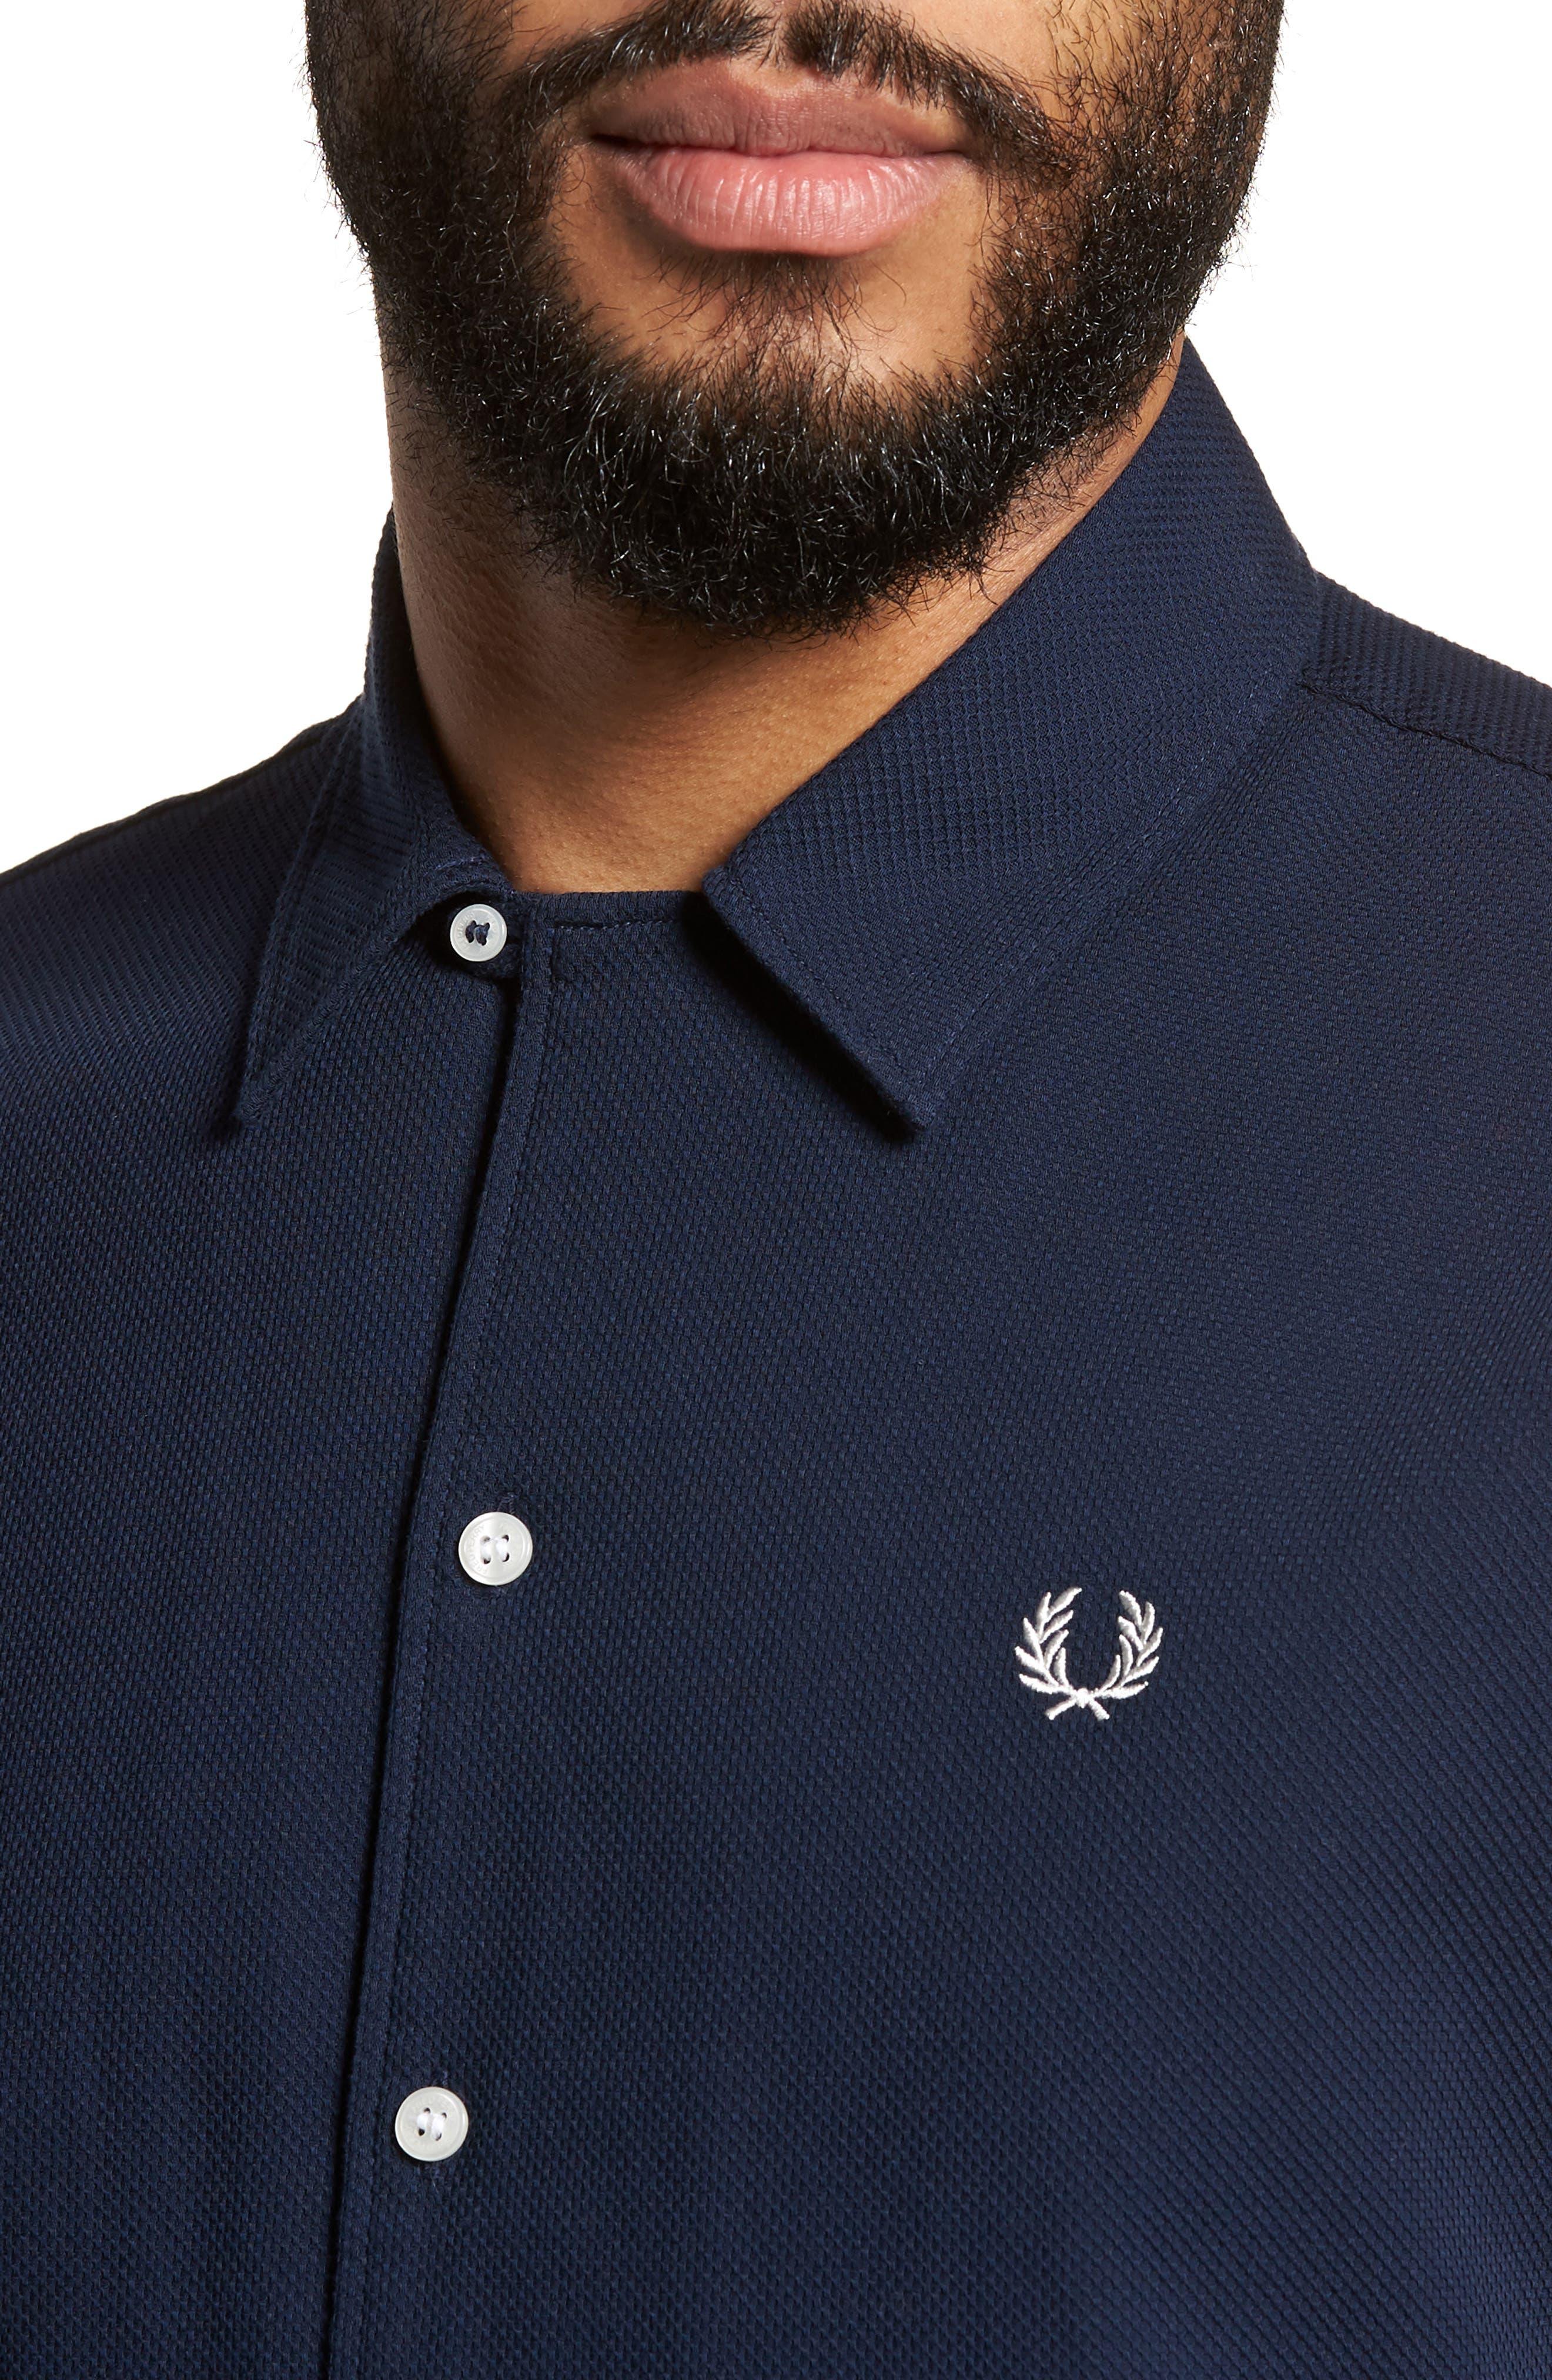 Woven Piqué Shirt,                             Alternate thumbnail 2, color,                             Carbon Blue